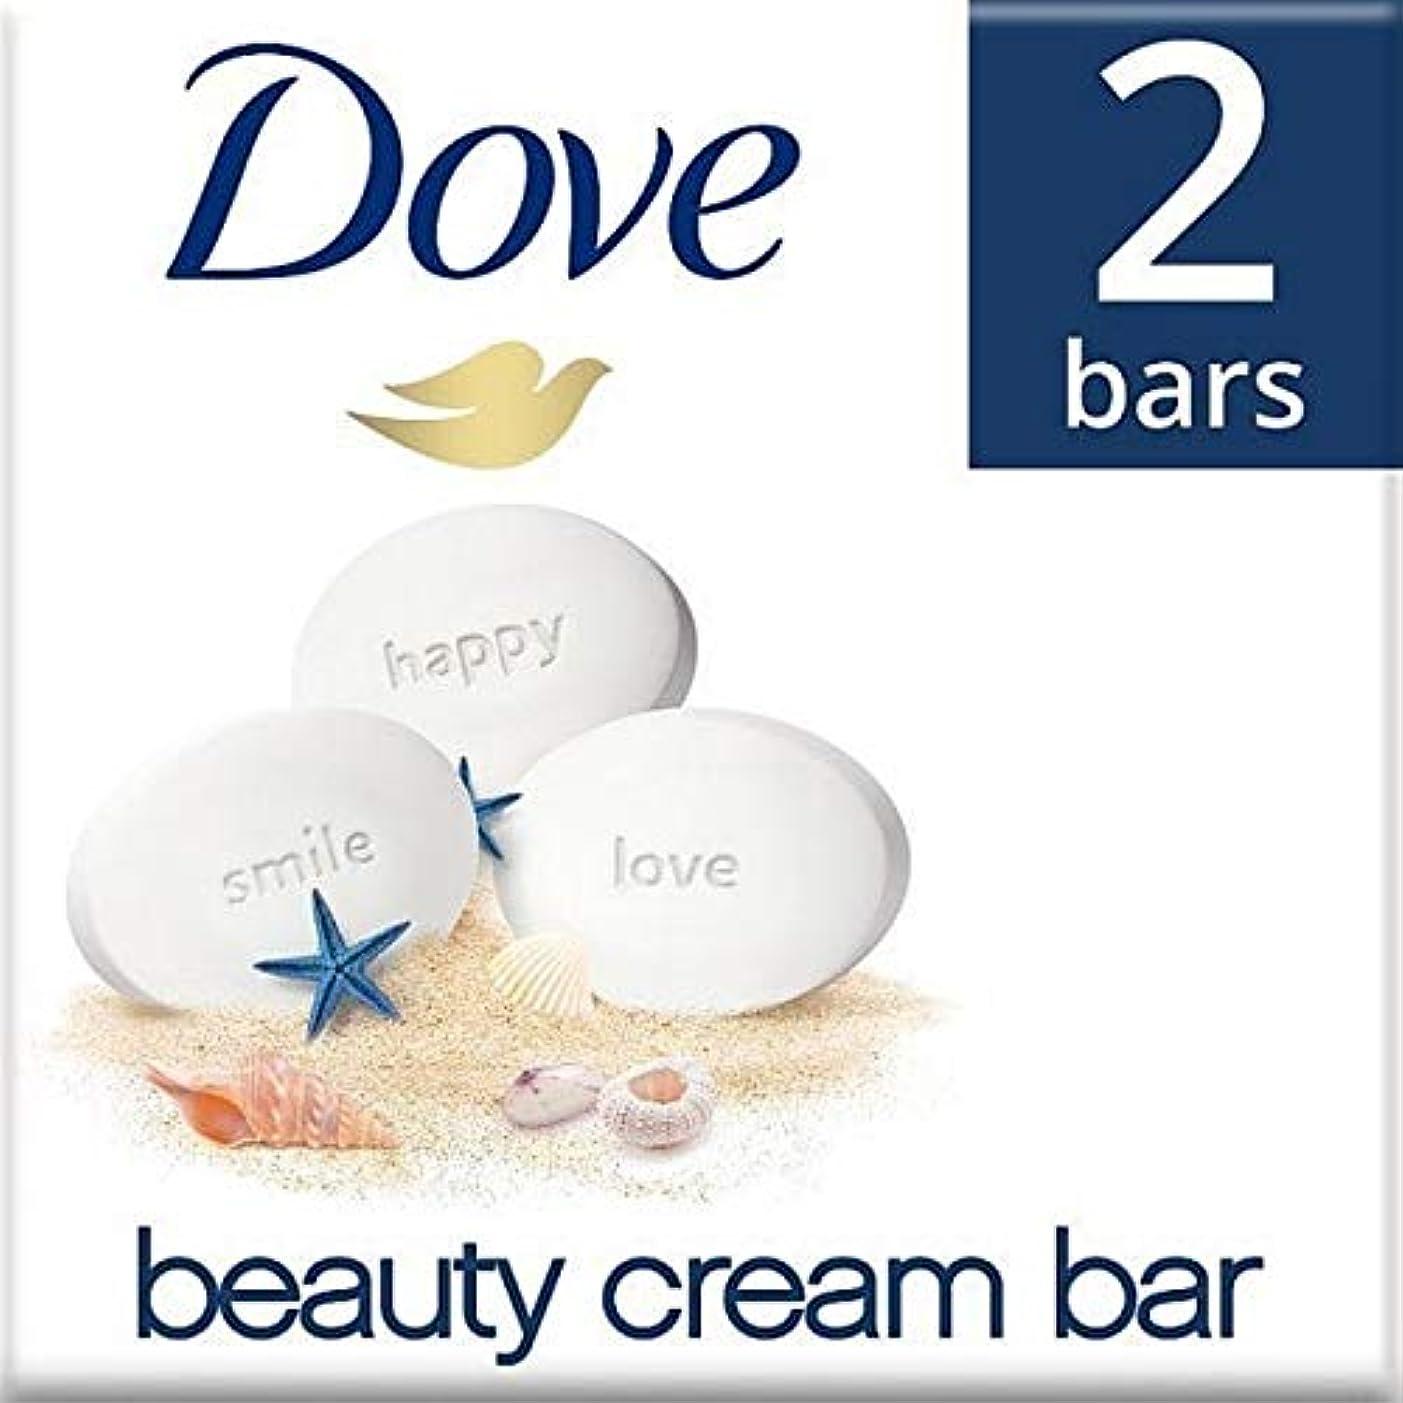 命令周術期抵抗力がある[Dove ] 鳩元美容クリーム石鹸2×100グラム - Dove Original Beauty Cream Soap Bar 2 x 100g [並行輸入品]